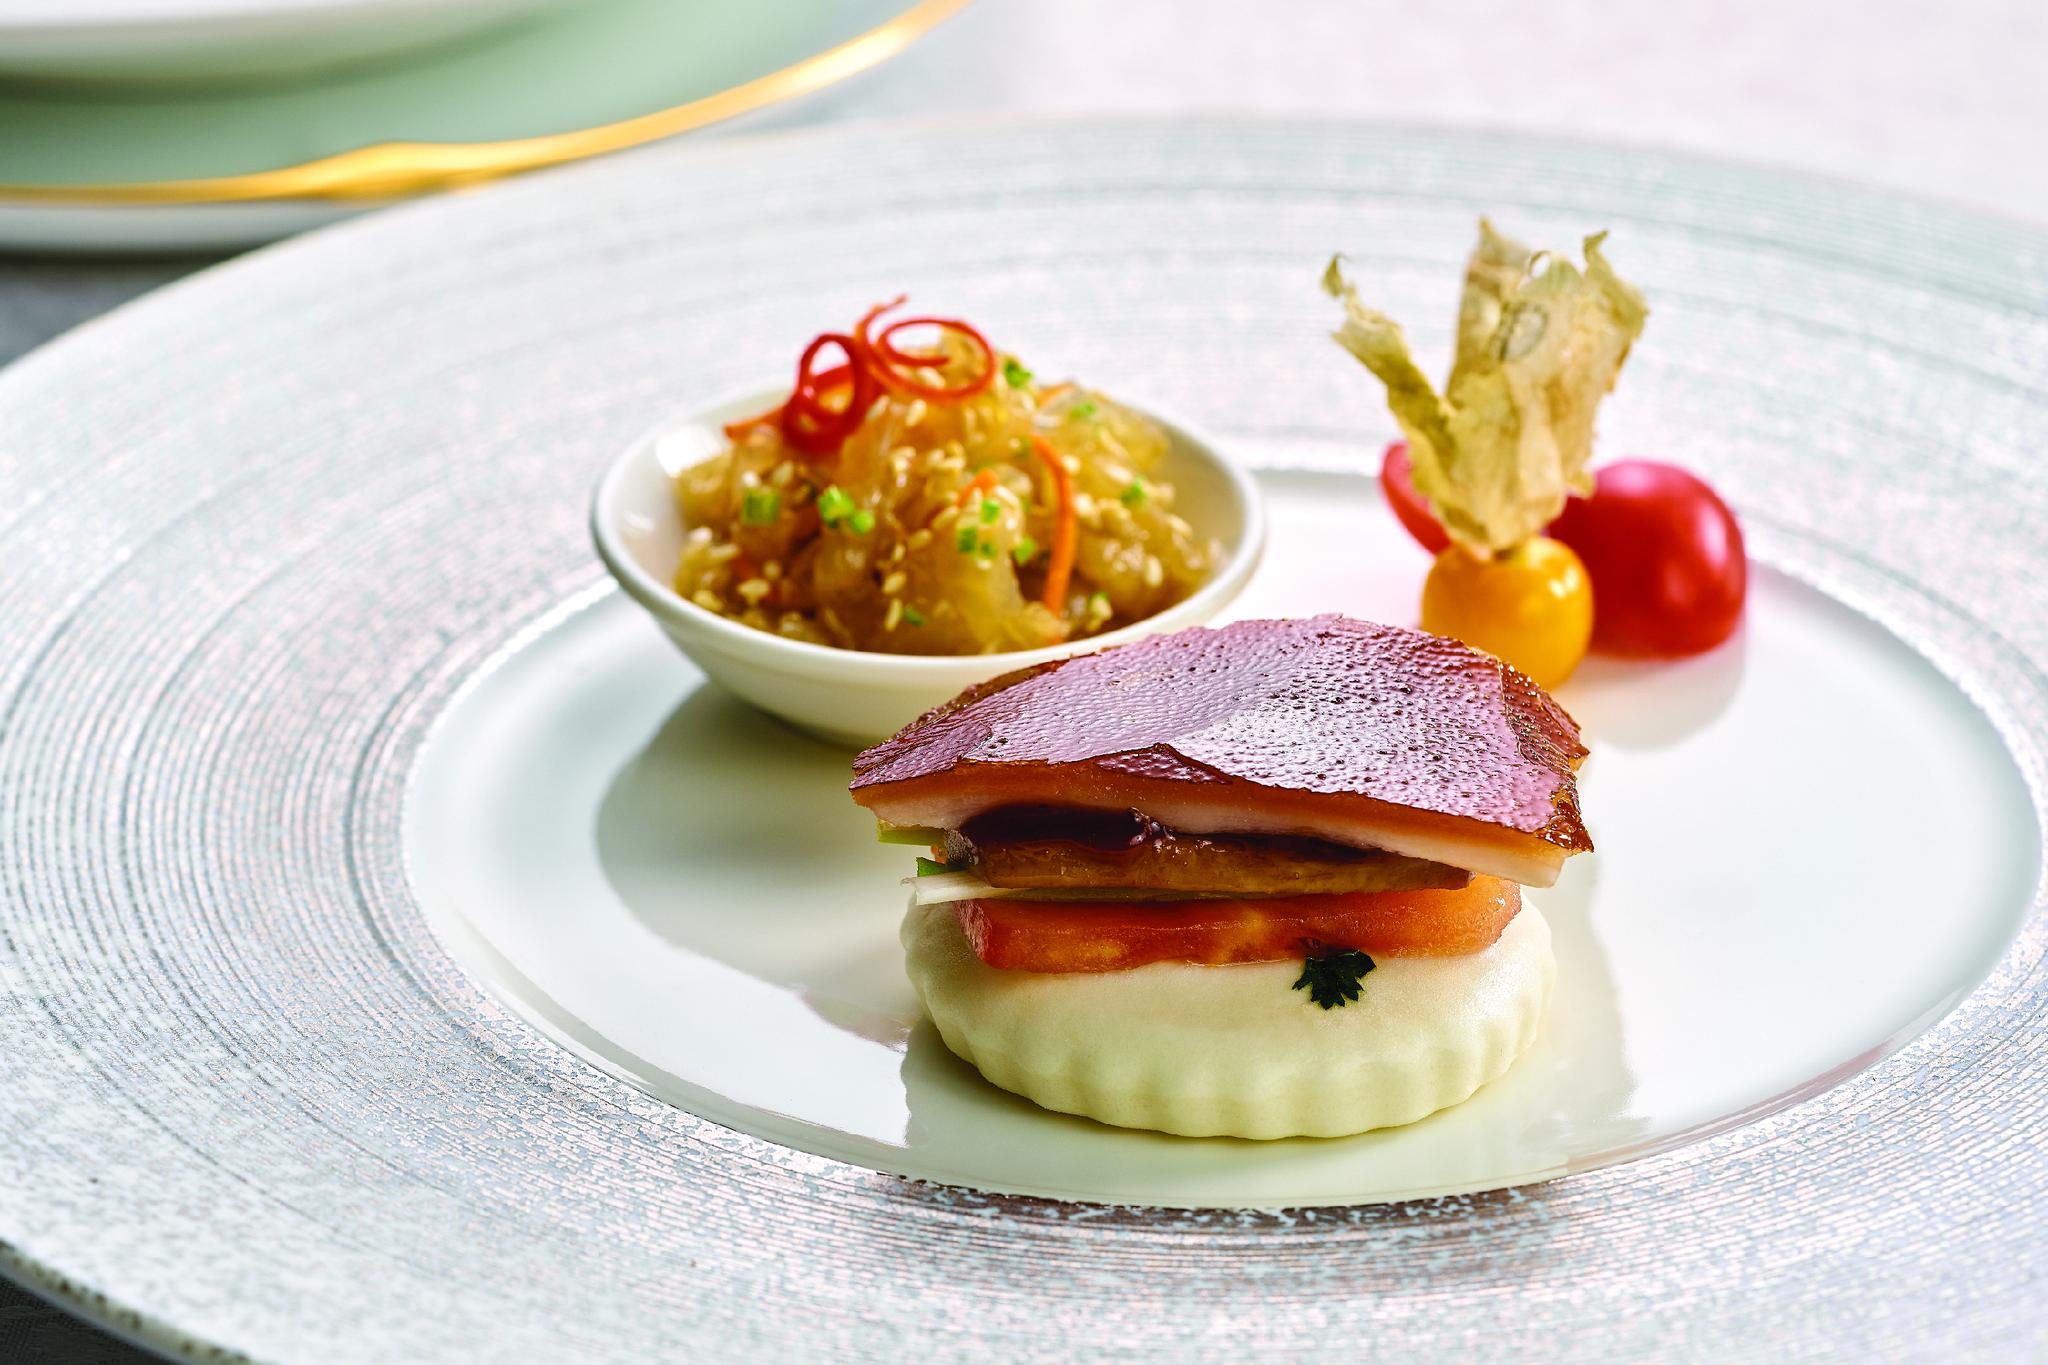 鹅肝酱片皮乳猪。图片来源/北京首都机场东海康得思酒店供图